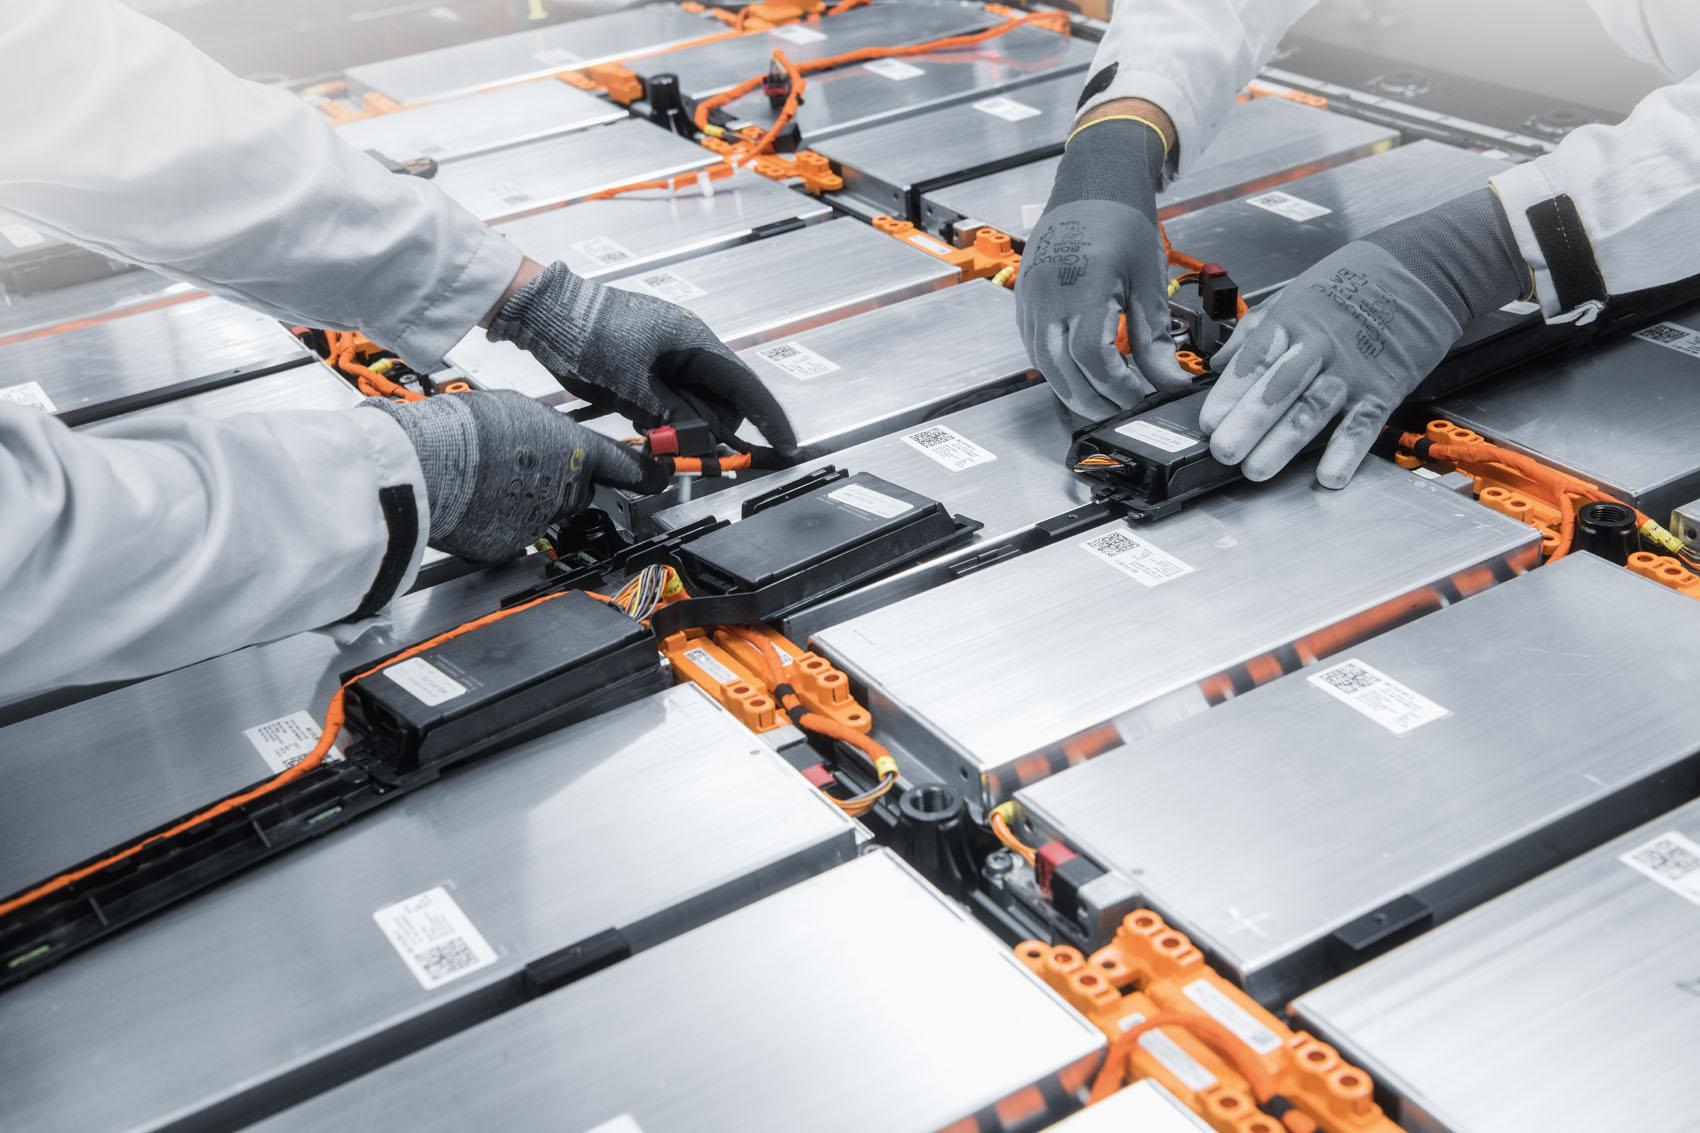 Handarbeit: Die Kabelverbindungen mit den E-Motoren werden von Menschen eingesetzt.